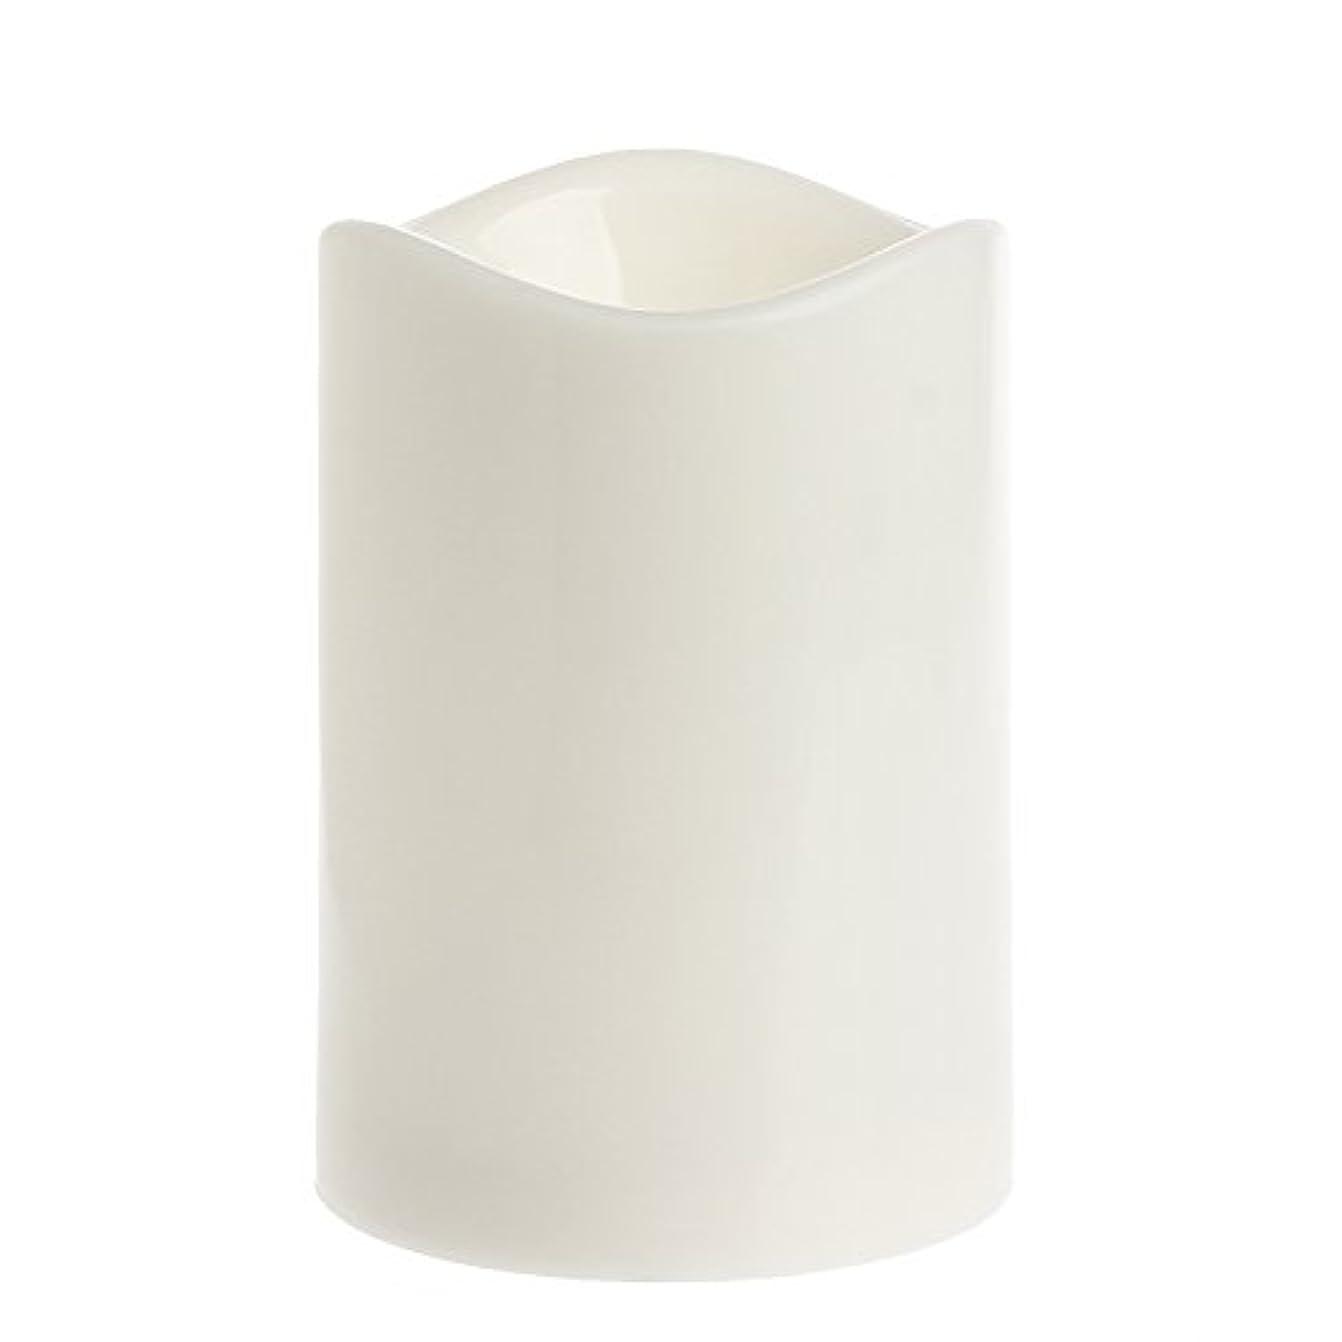 ストロークめったにウィスキーSimpleLife ロマンチックなFlameless LED電子キャンドルライト結婚式の香りワックスホームインテリア13 * 7.5センチメートル